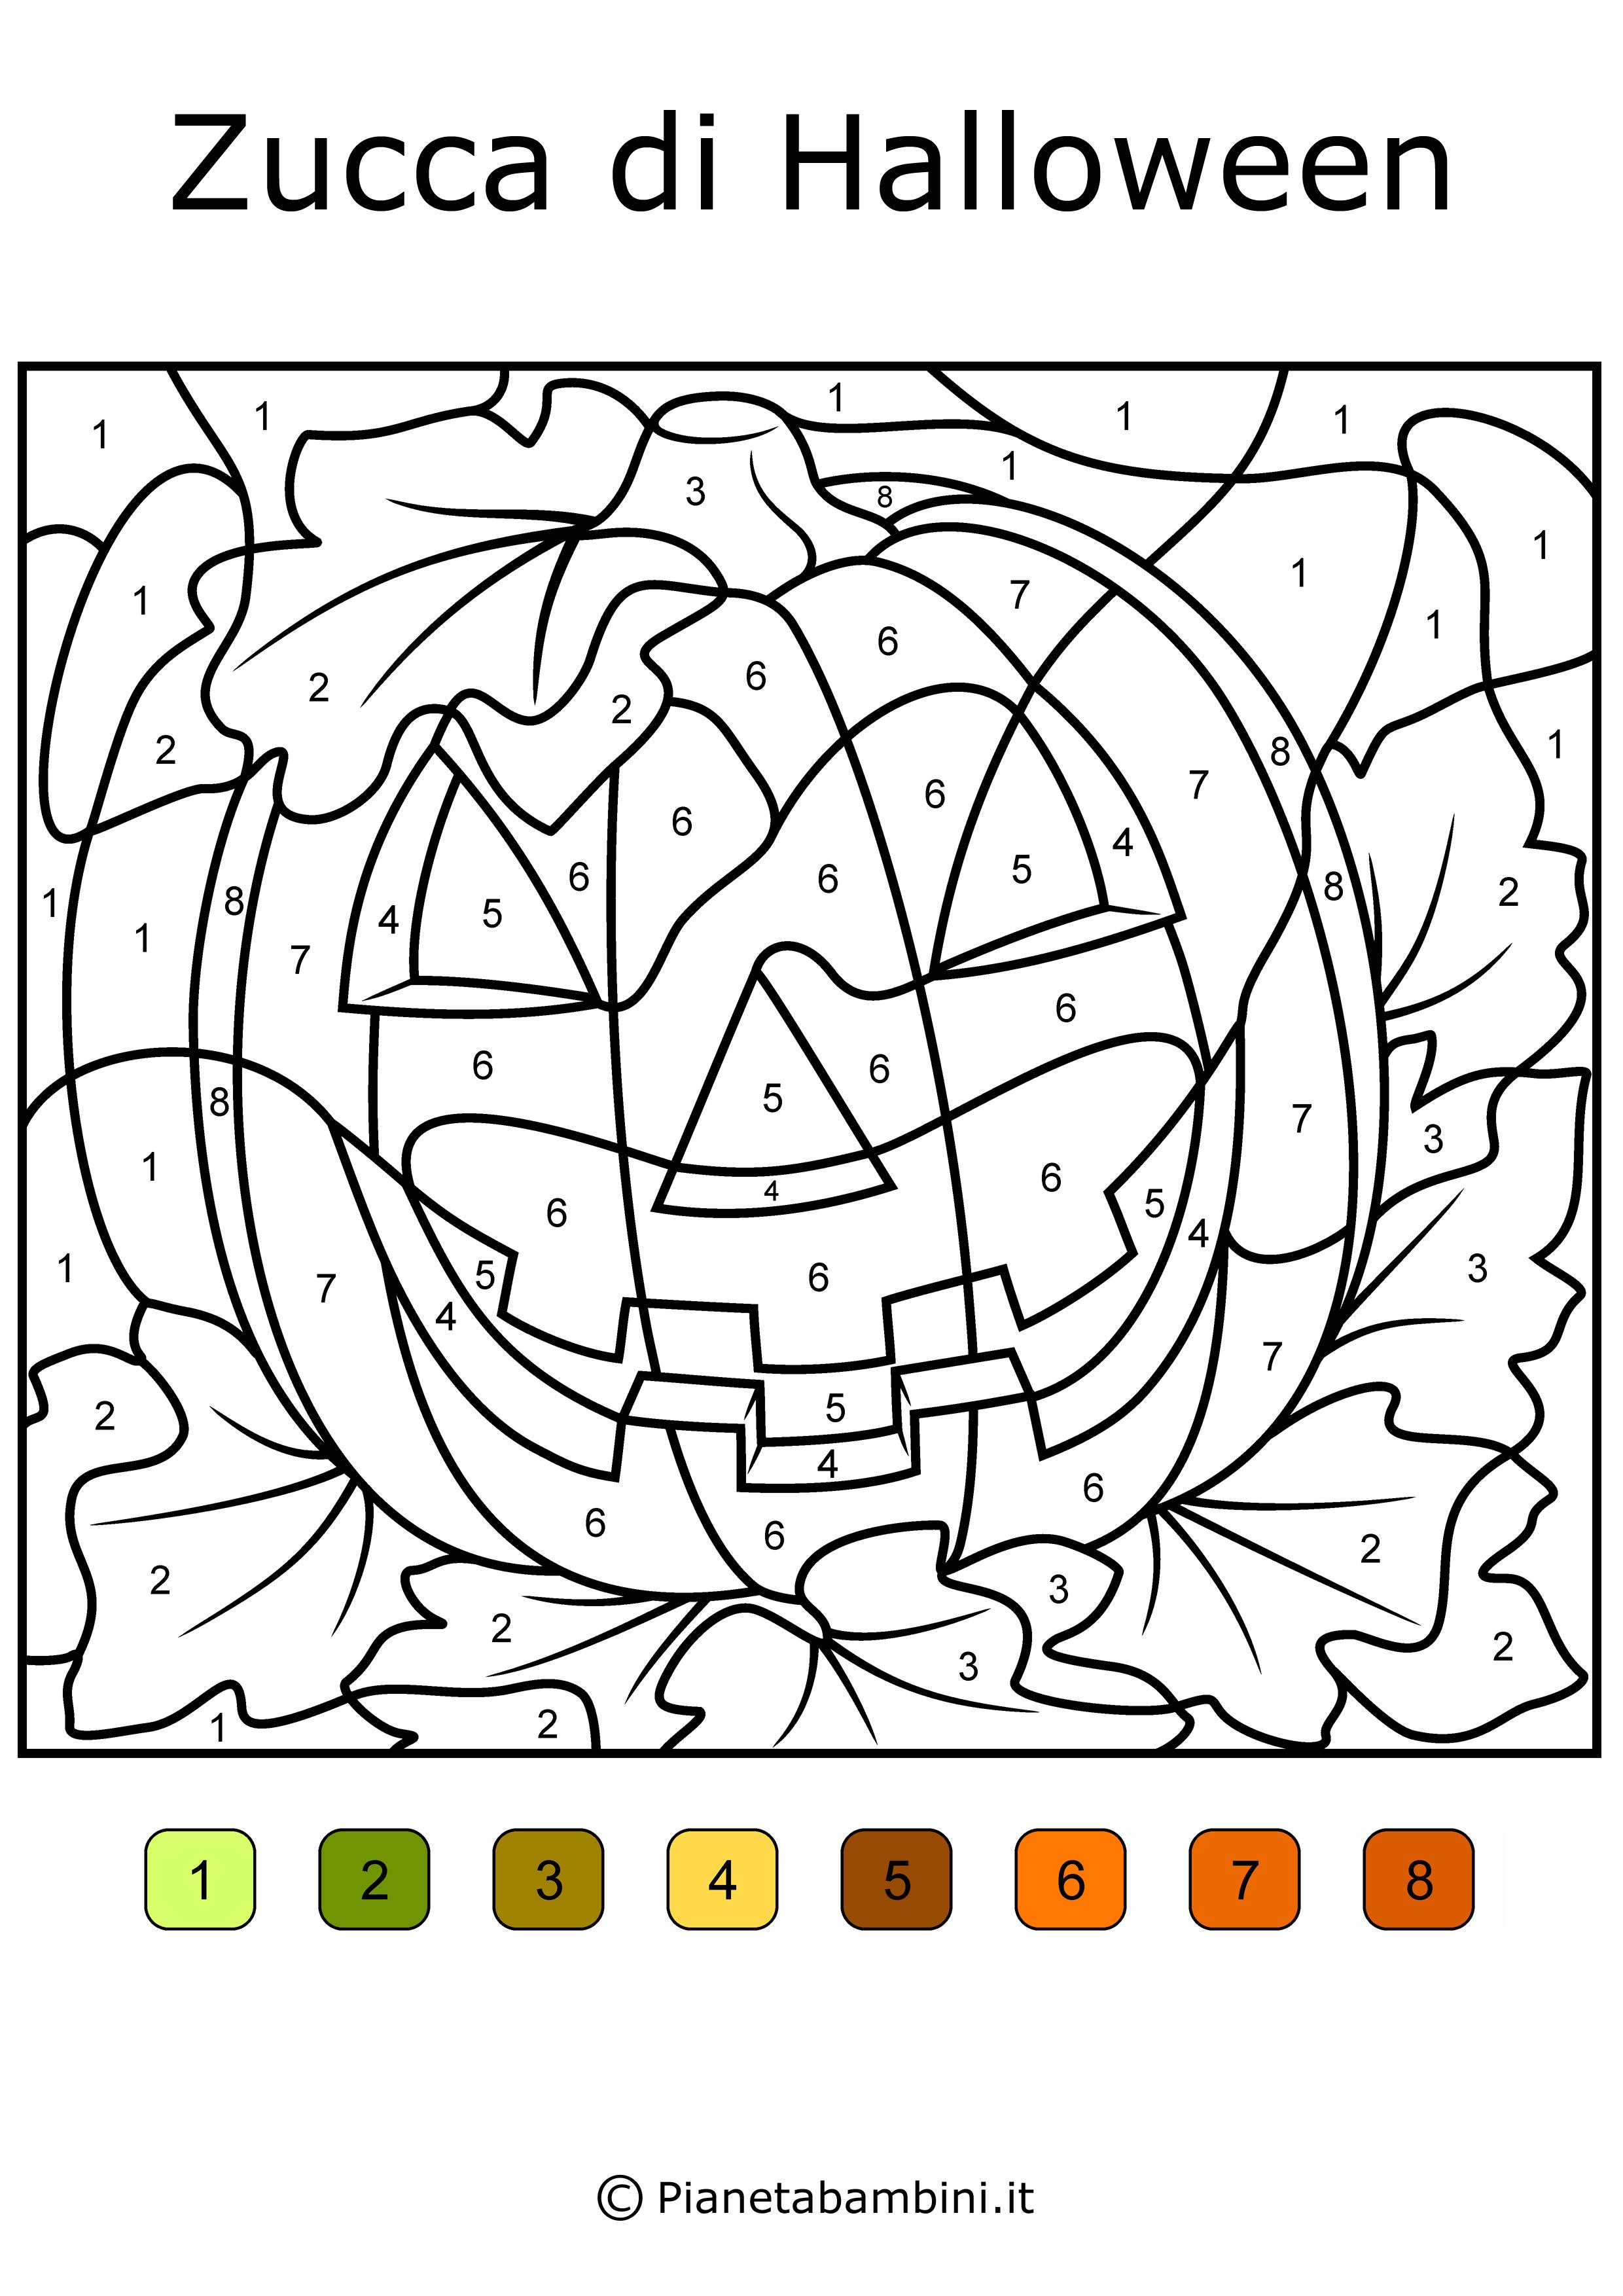 Conta-e-Colora-Difficile-Zucca-Halloween